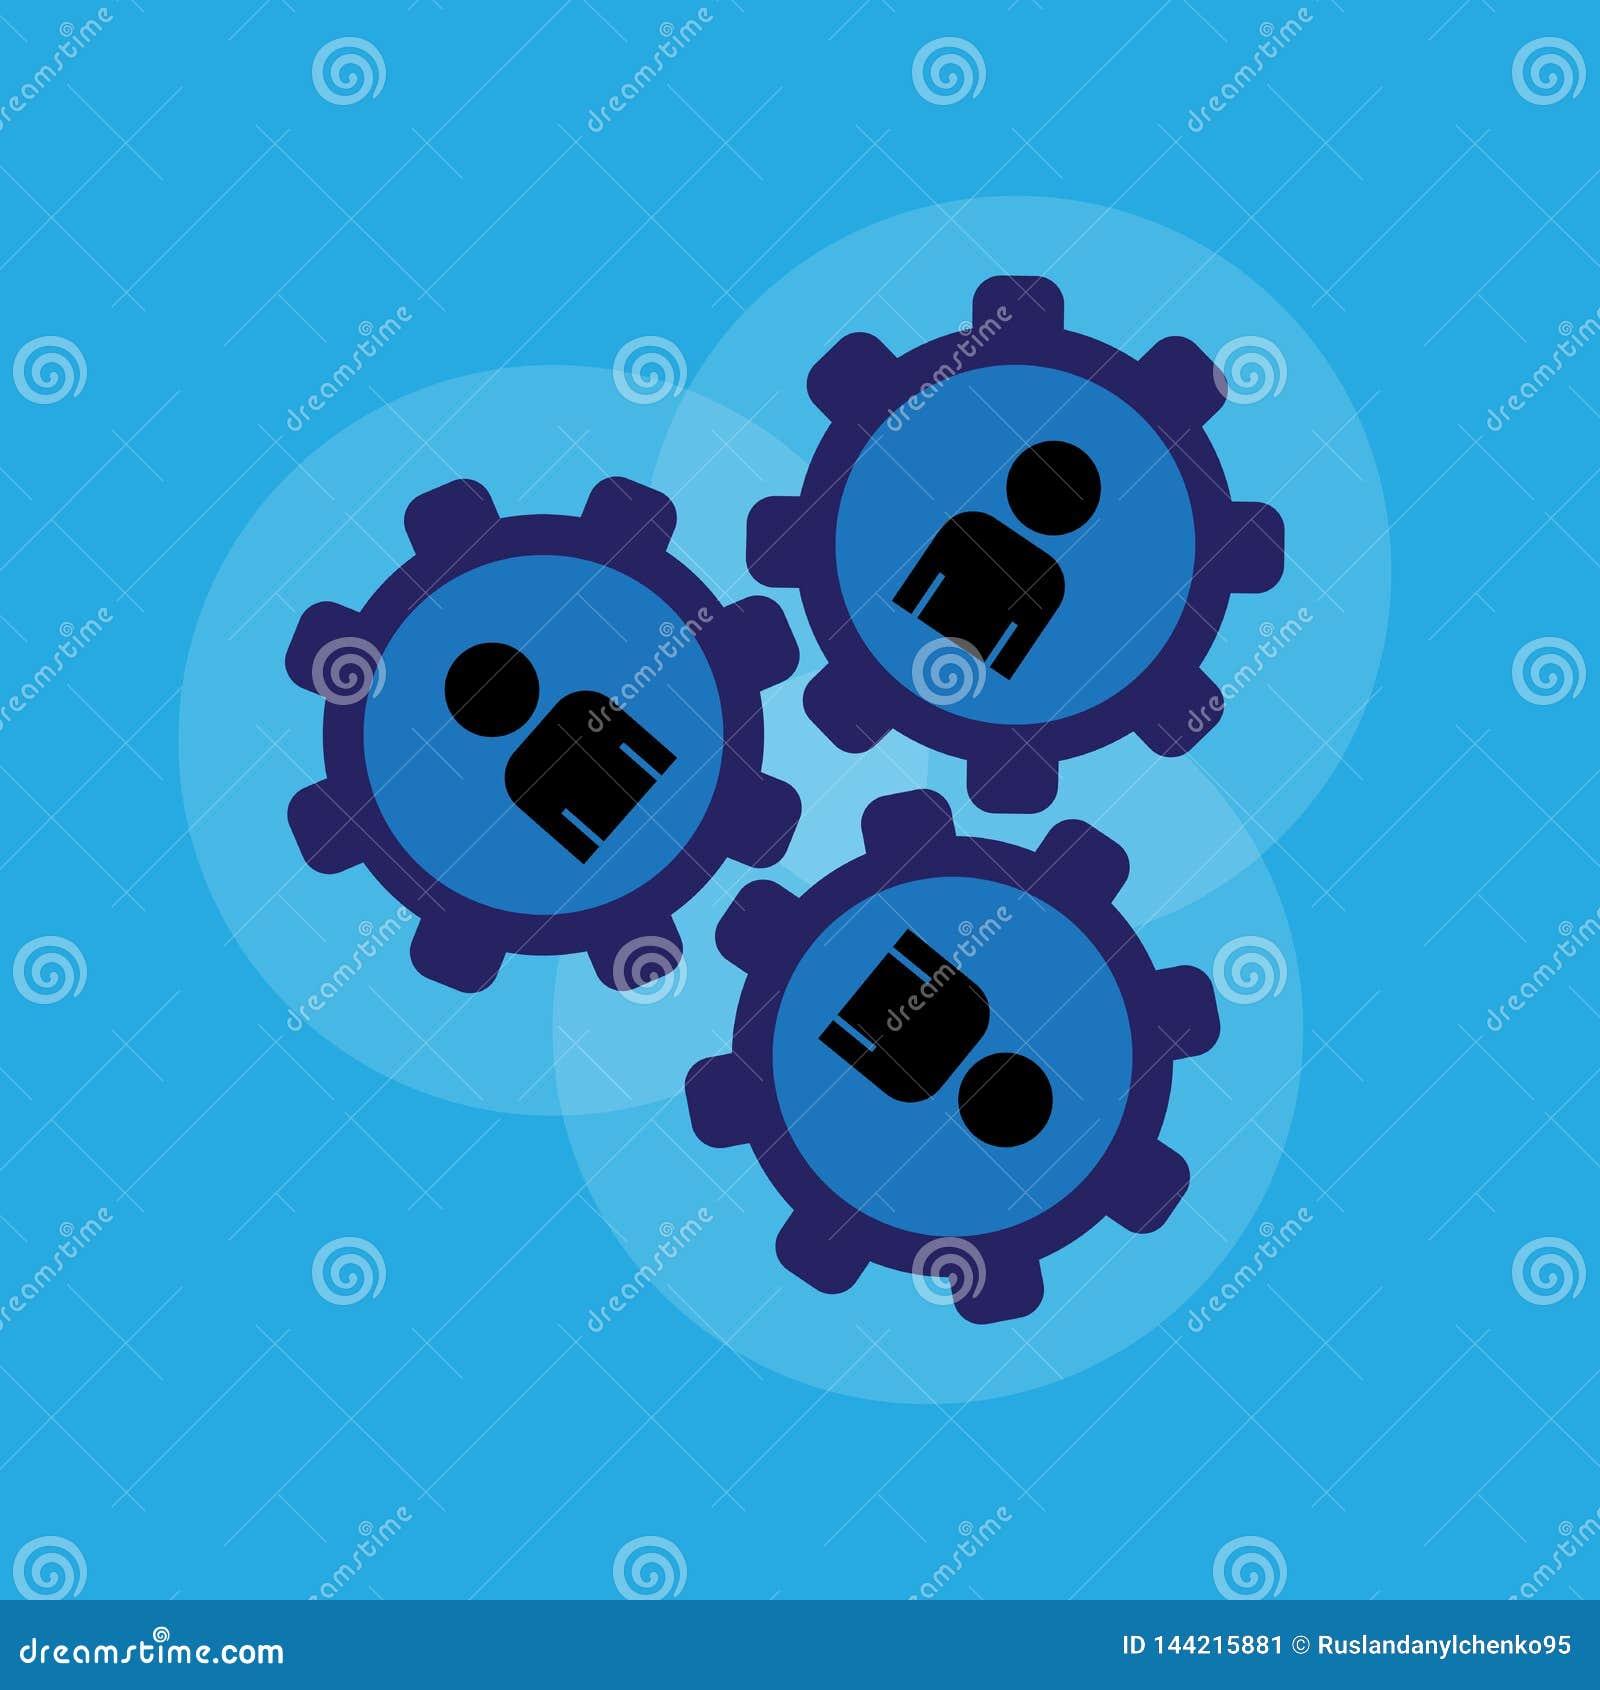 Ludzie s? jak jeden mechanizm Mechanizm praca Jeste?my wszystko jako jeden ca?y, ruch i prawo??, r?wnie? zwr?ci? corel ilustracji